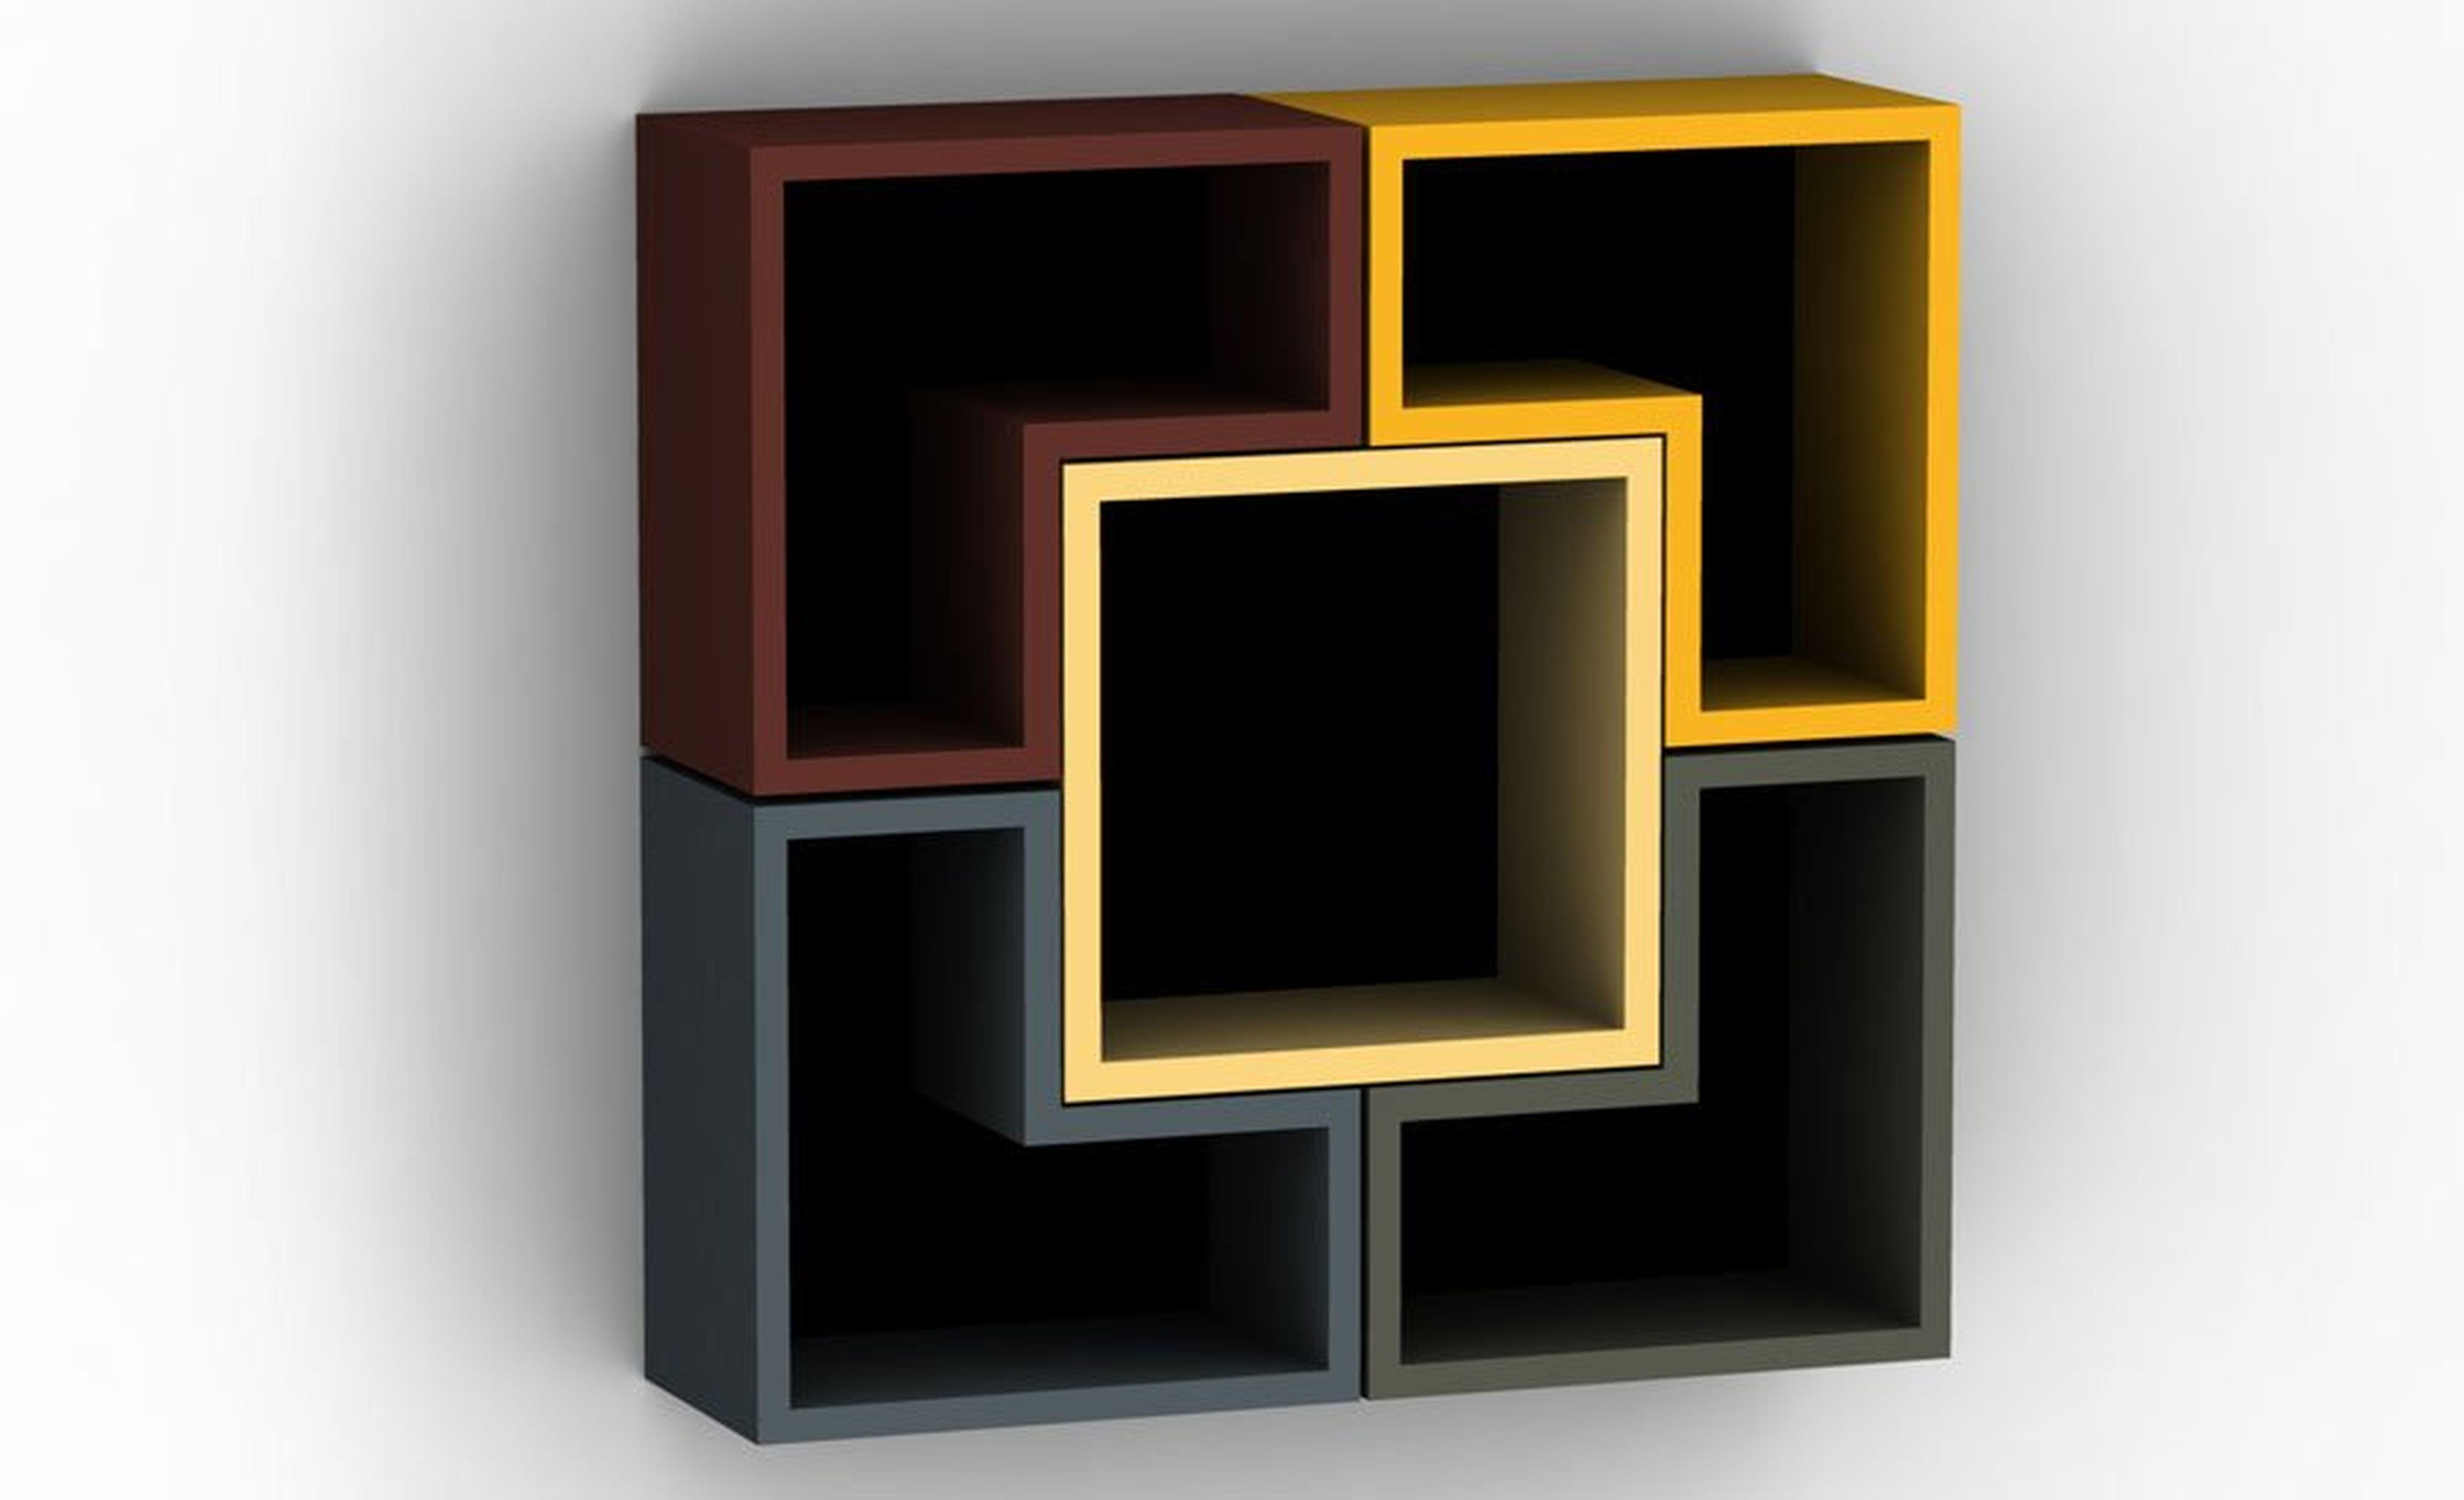 Bookshelf Designs For Home Intended For Bookshelf Designs For Home (#8 of 15)